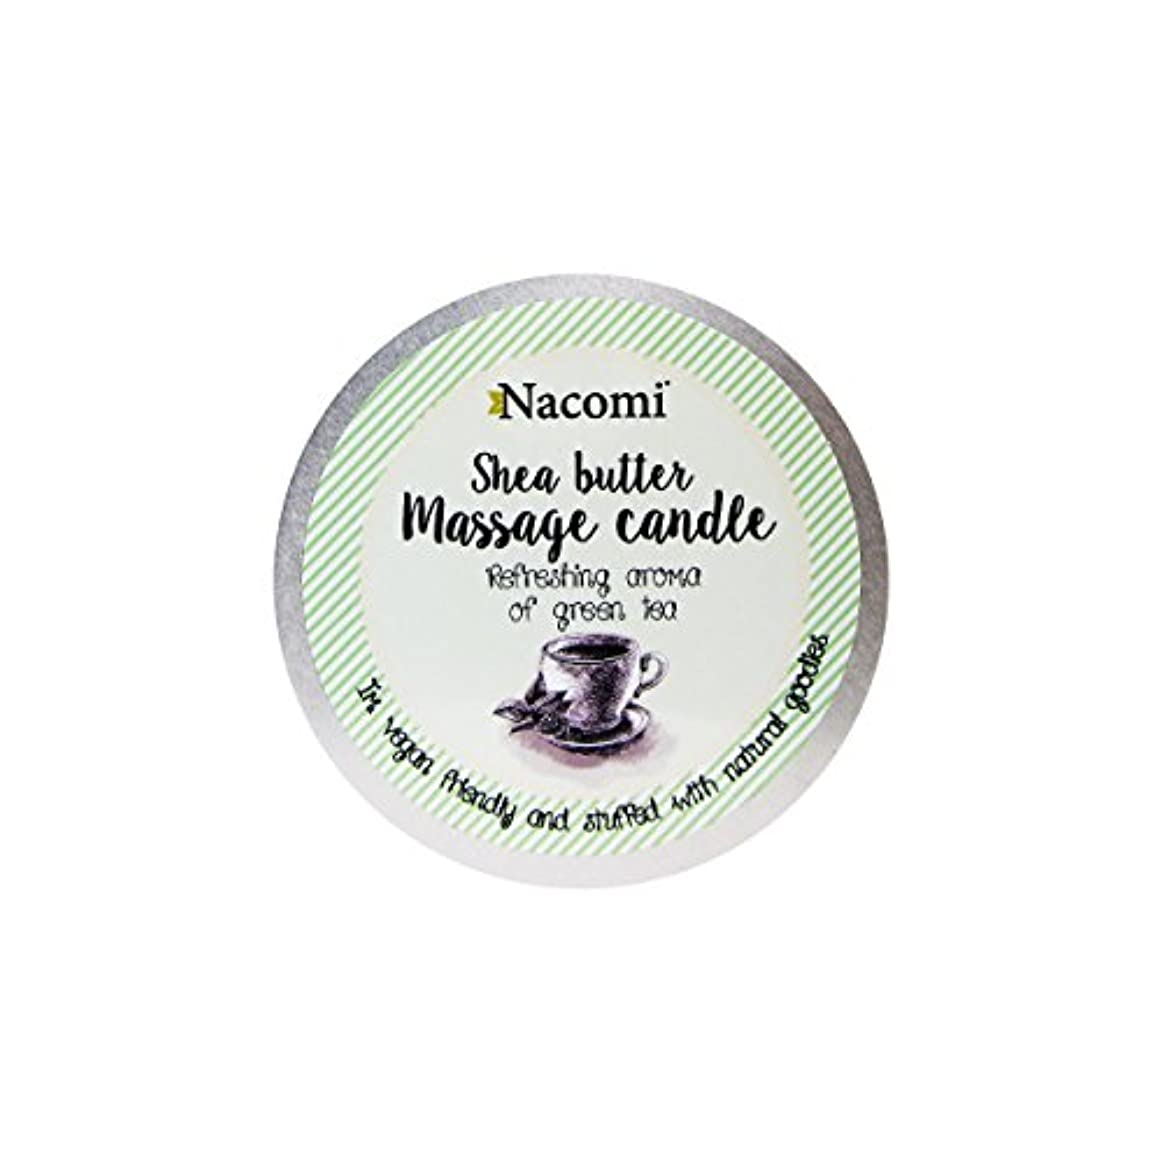 フルートボトル注入するNacomi Shea Butter Massage Candle Refreshing Aroma Of Green Tea 150g [並行輸入品]